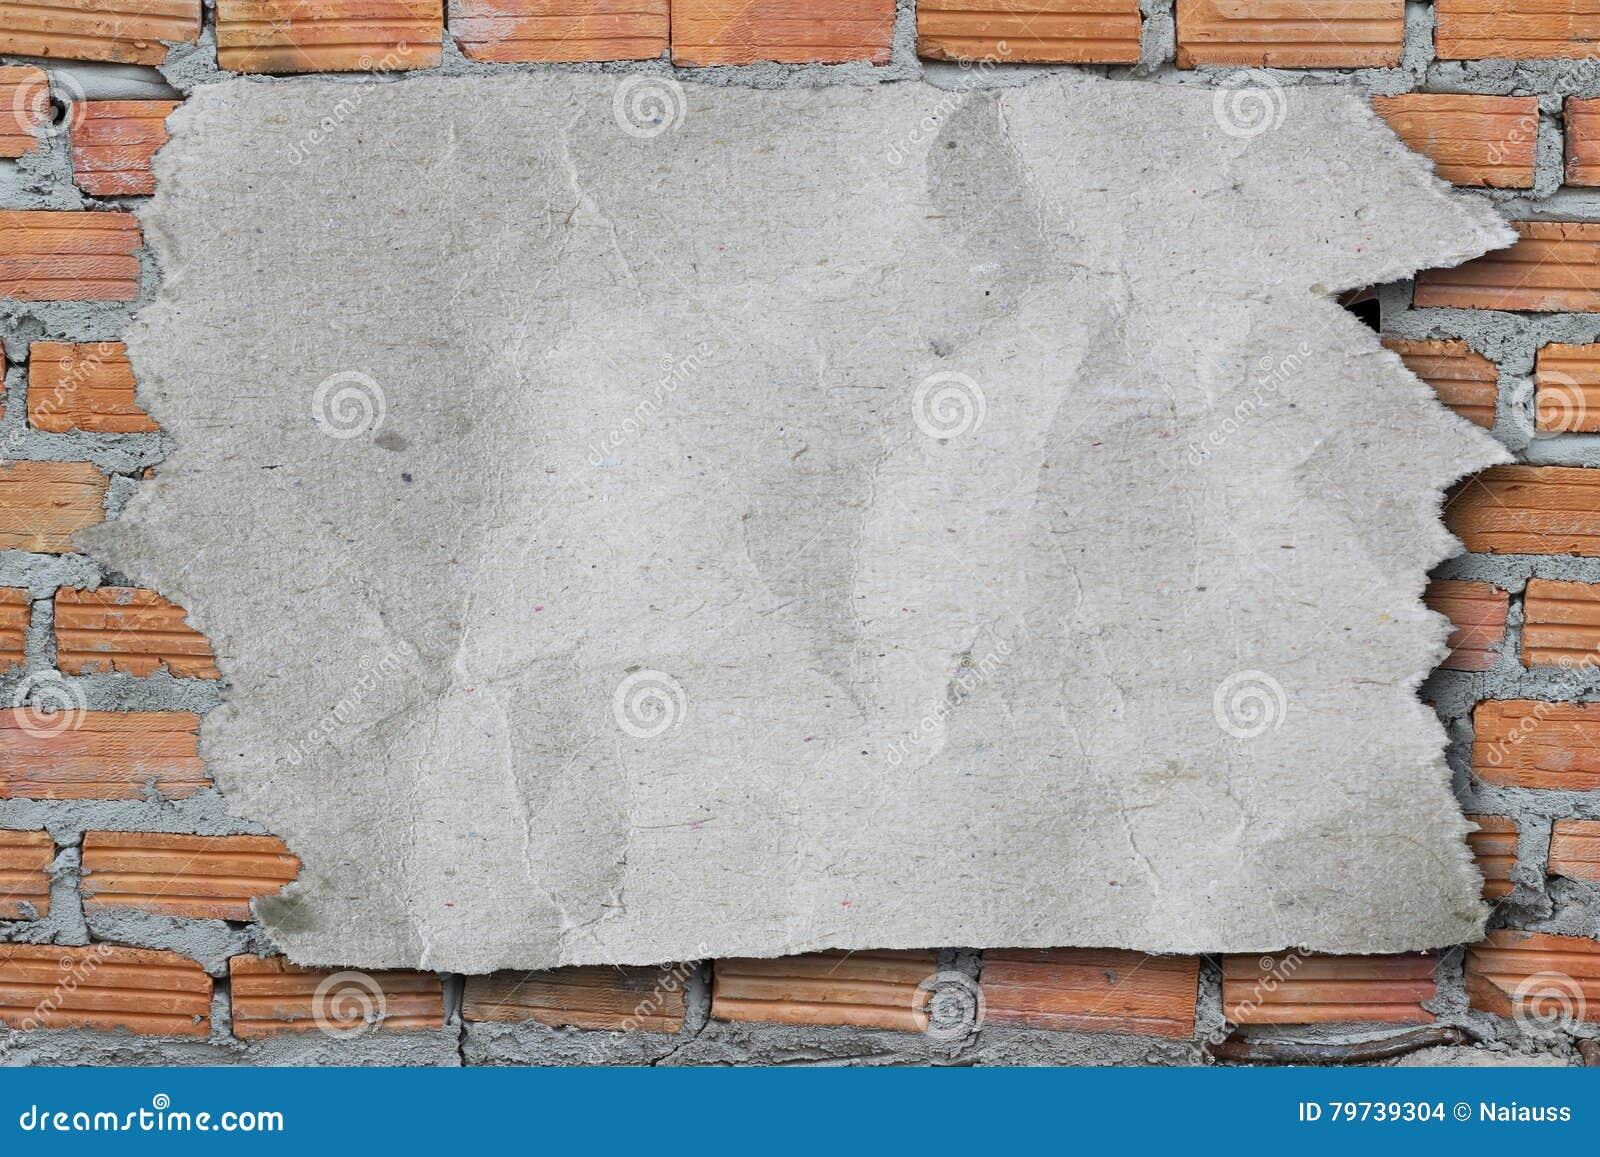 Papel de papel y rasgado rasgado